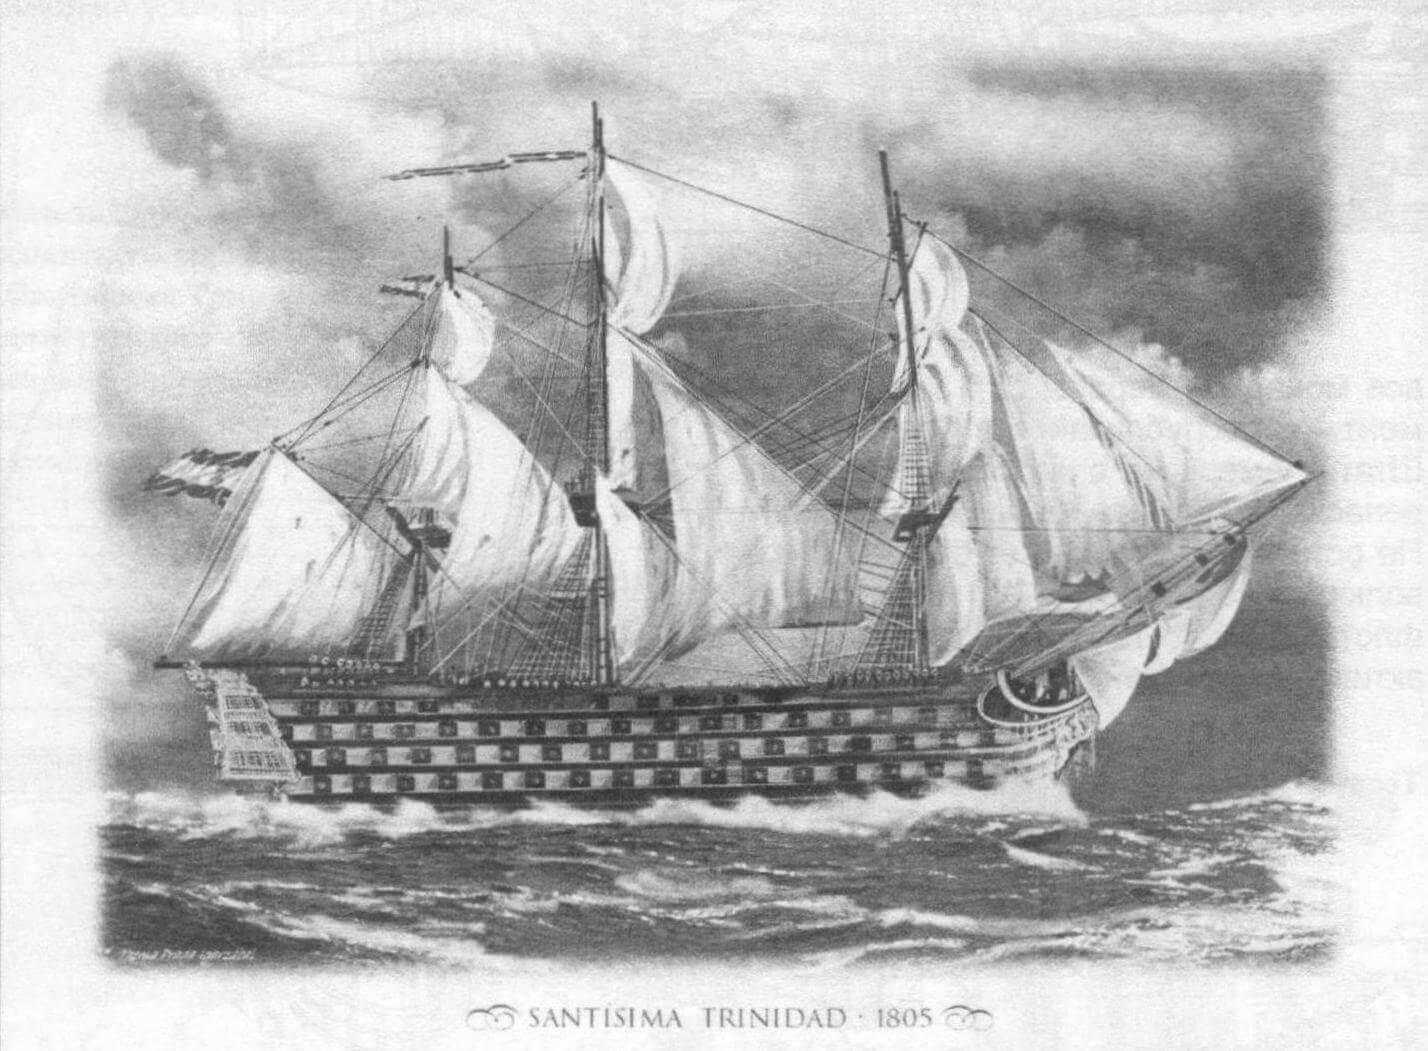 Еще один вариант реконструкции внешнего вида линейного корабля «Сантисима Тринидад» по состоянию на 1805 год